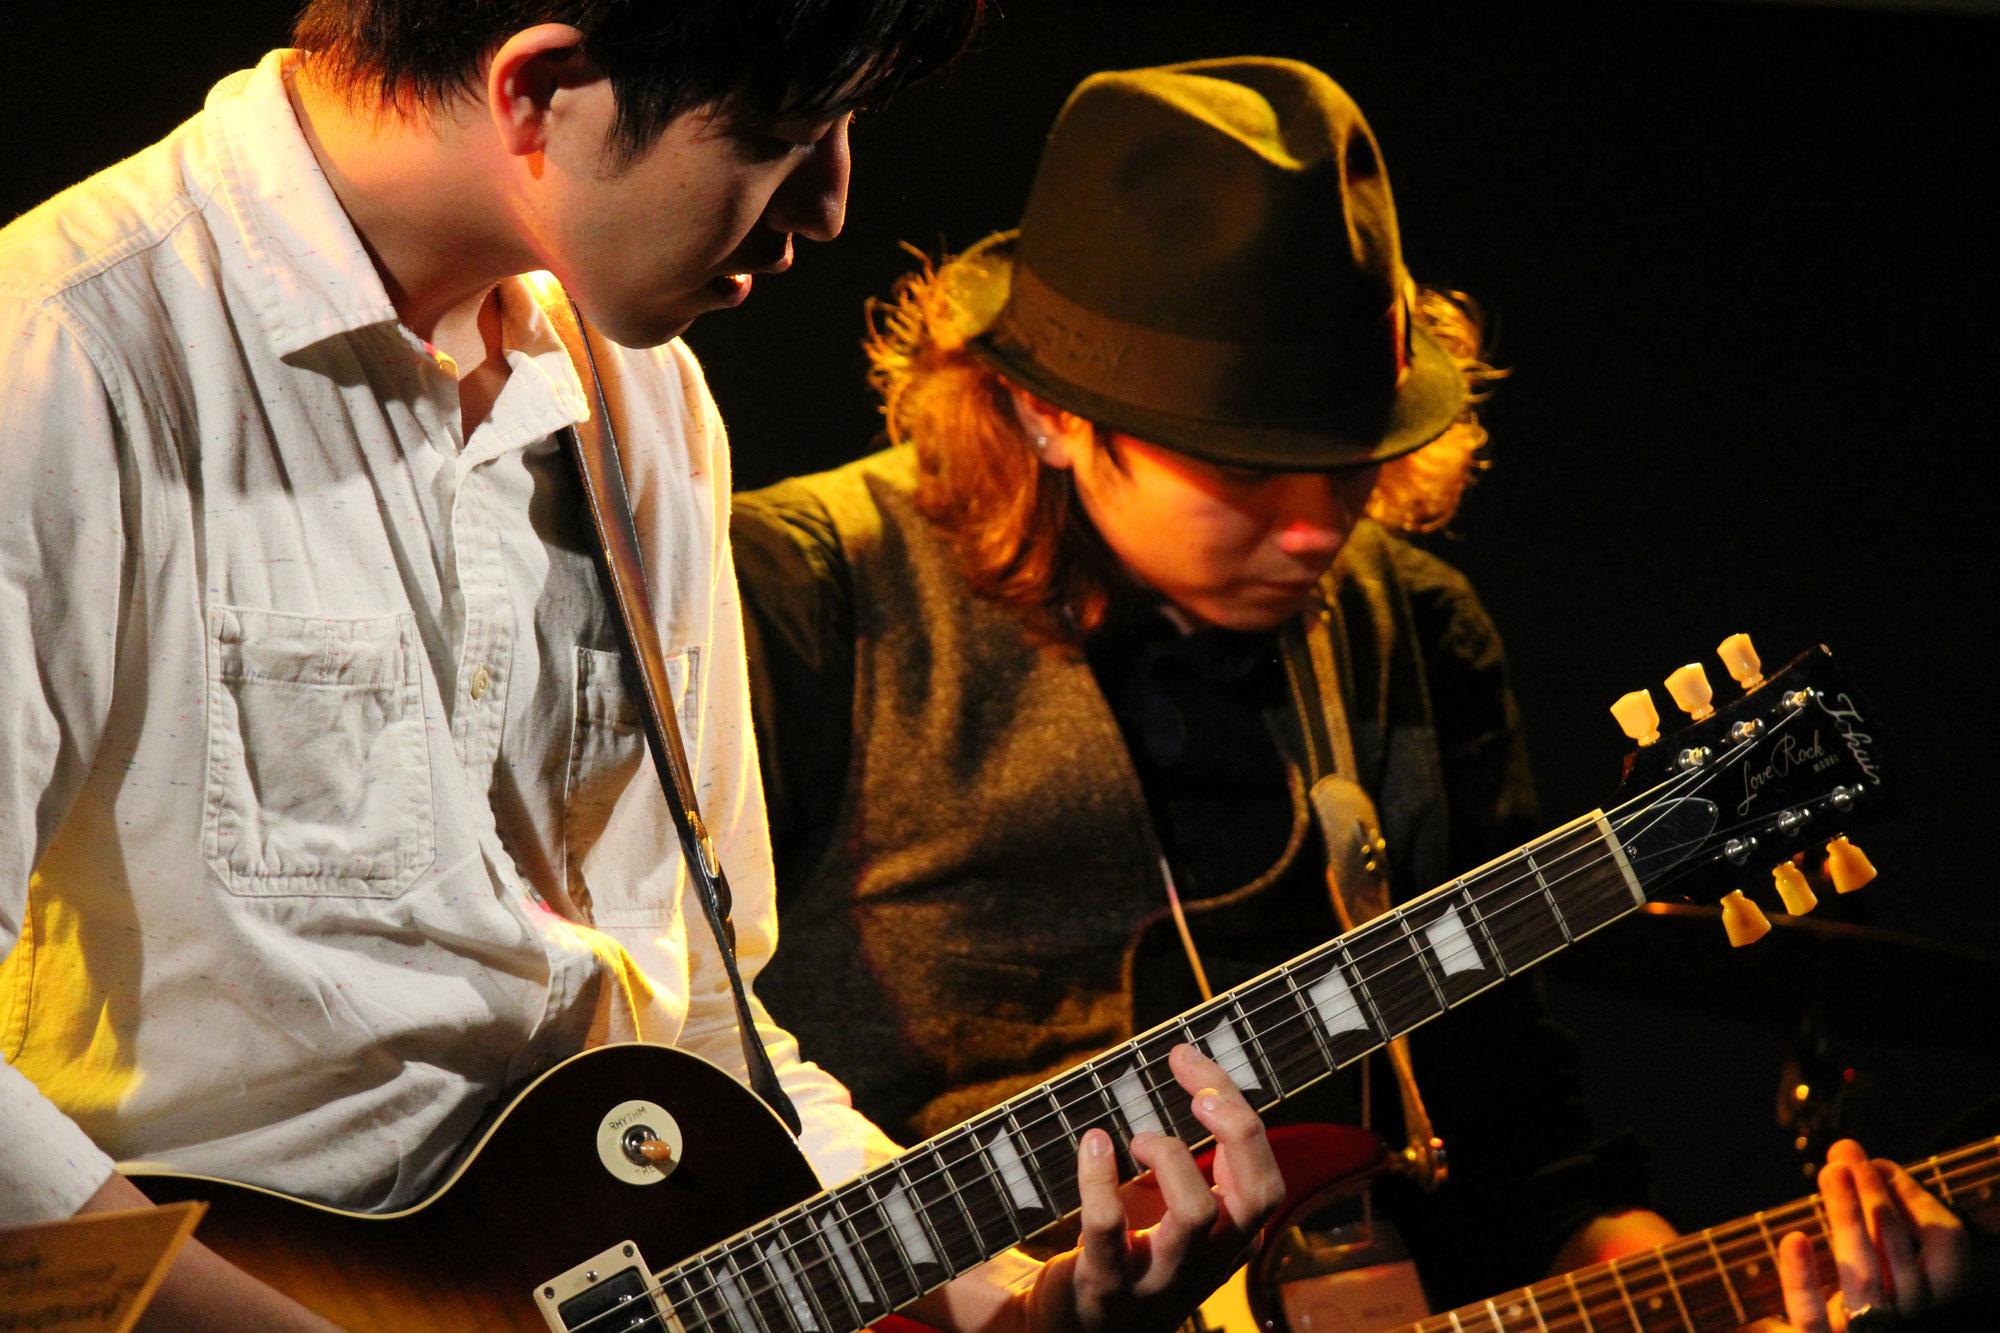 さいたま市大宮のギター音楽教室/初心者も安心!プロ講師によるオーダーメイドのマンツーマンレッスン